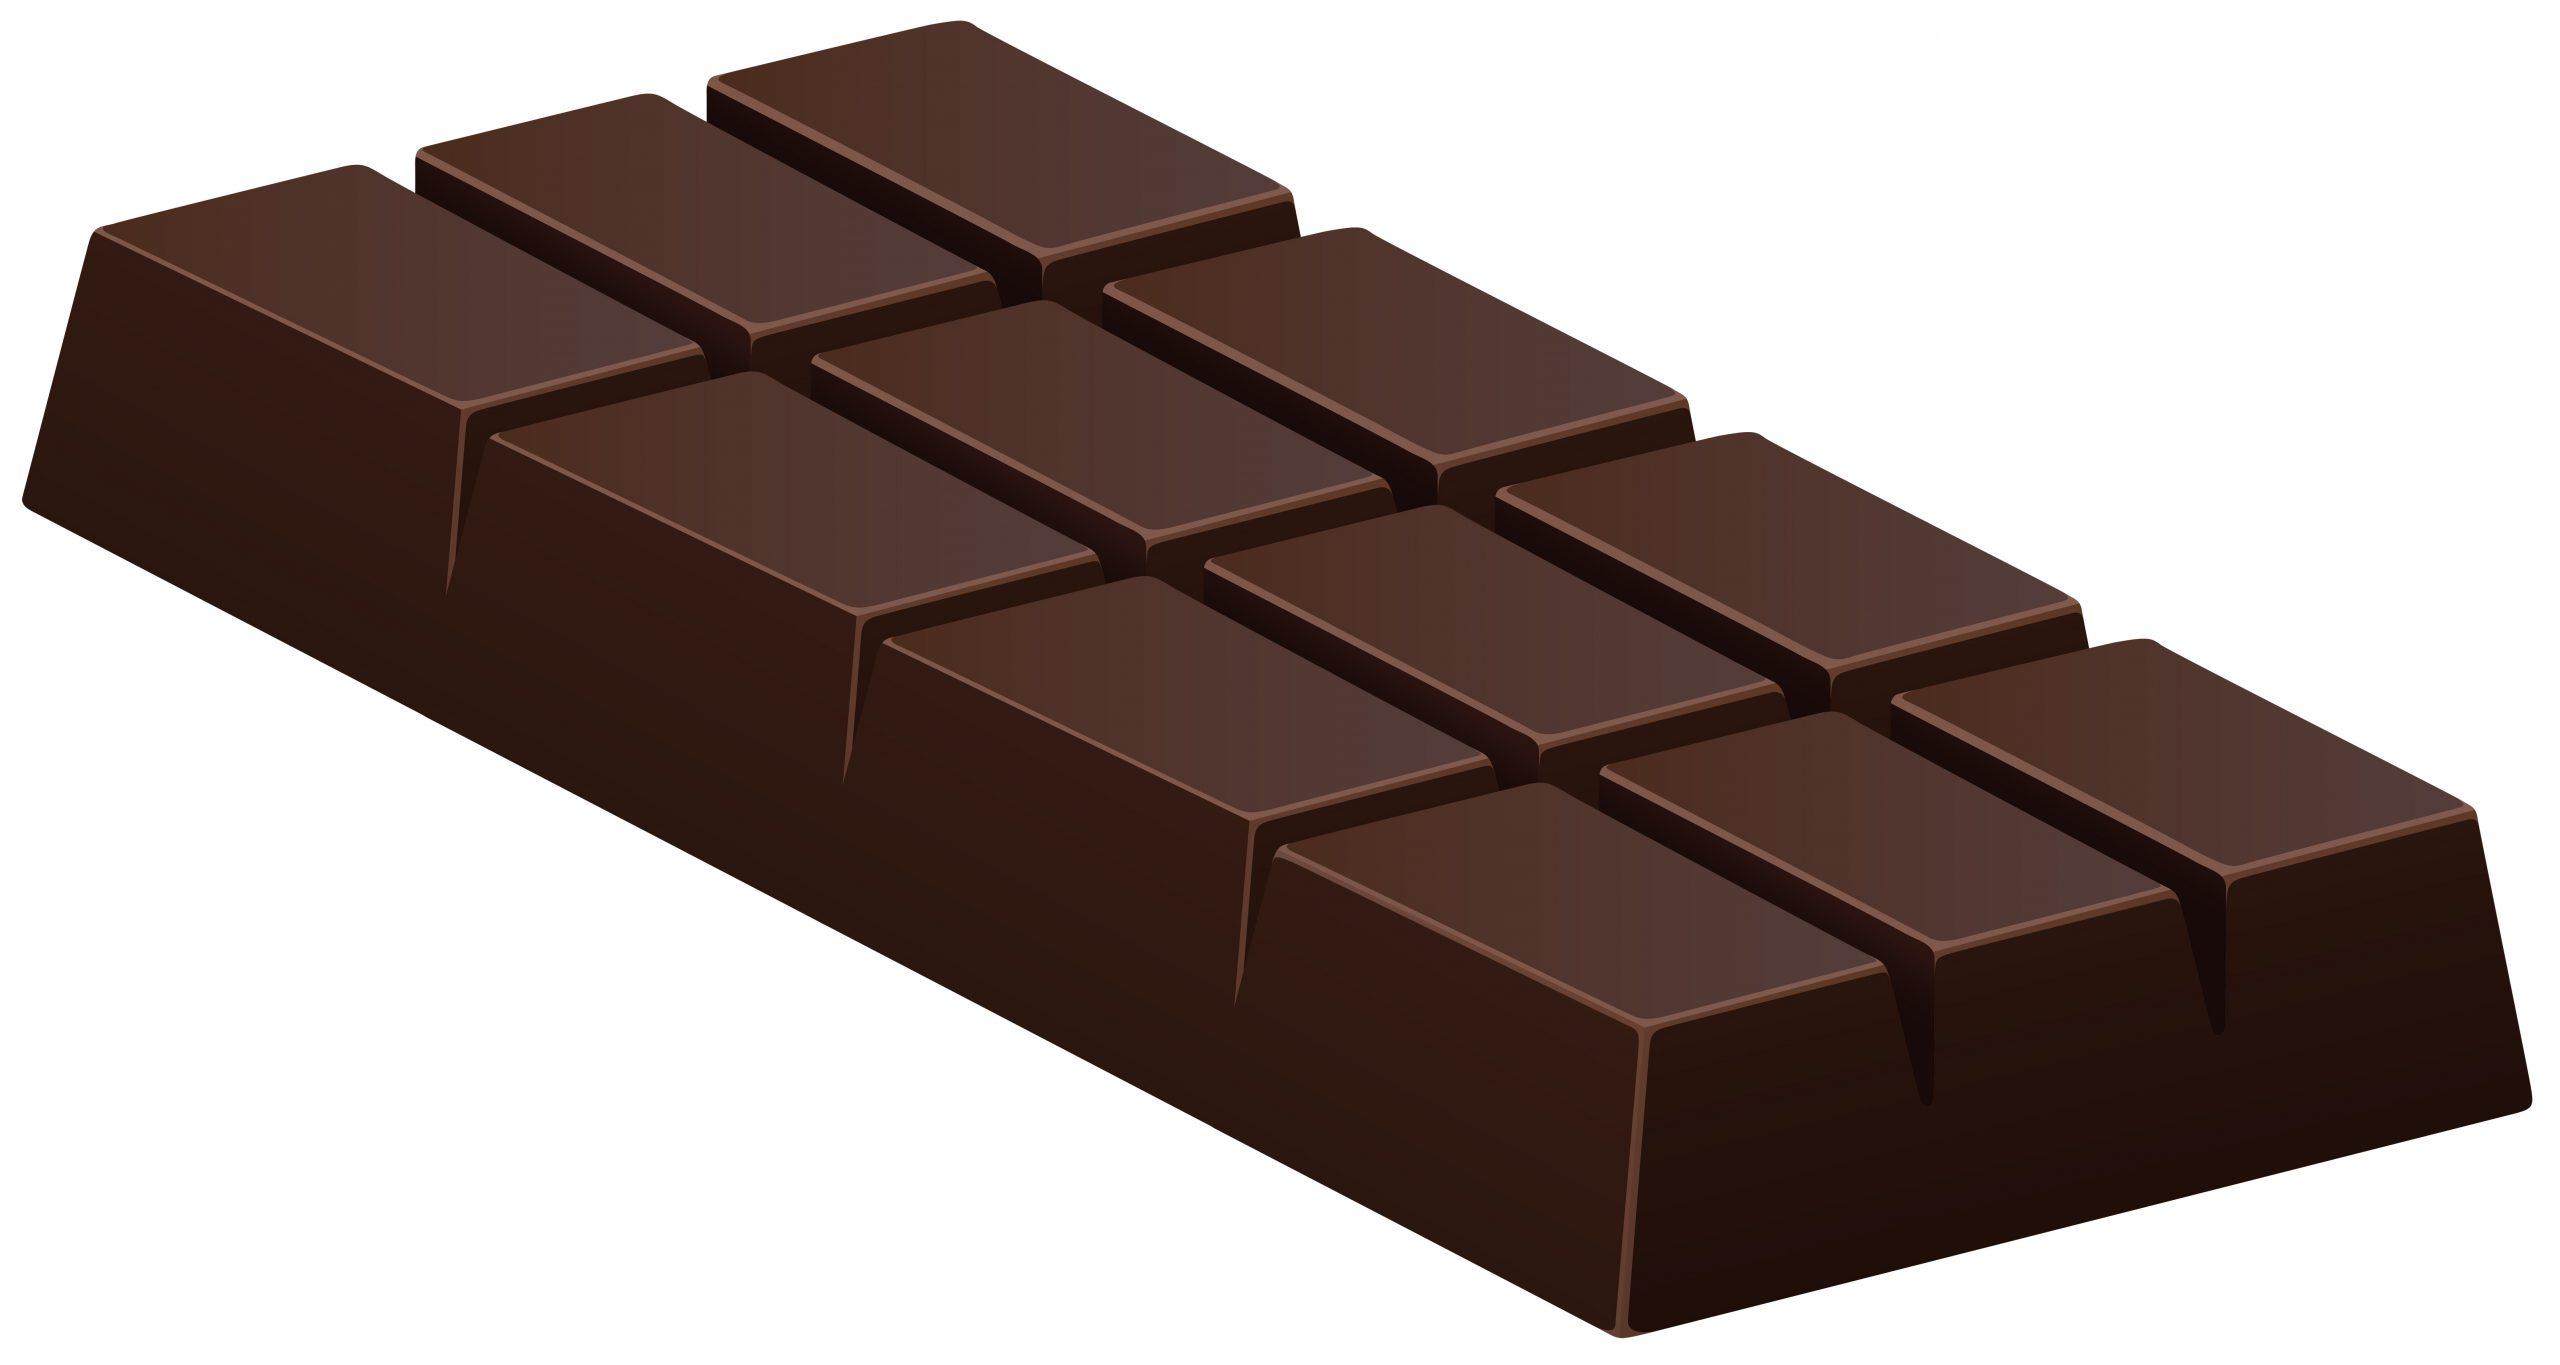 Tablette De Chocolat Noir Sur Blanc - Telecharger Vectoriel pour Tablette Chocolat Dessin